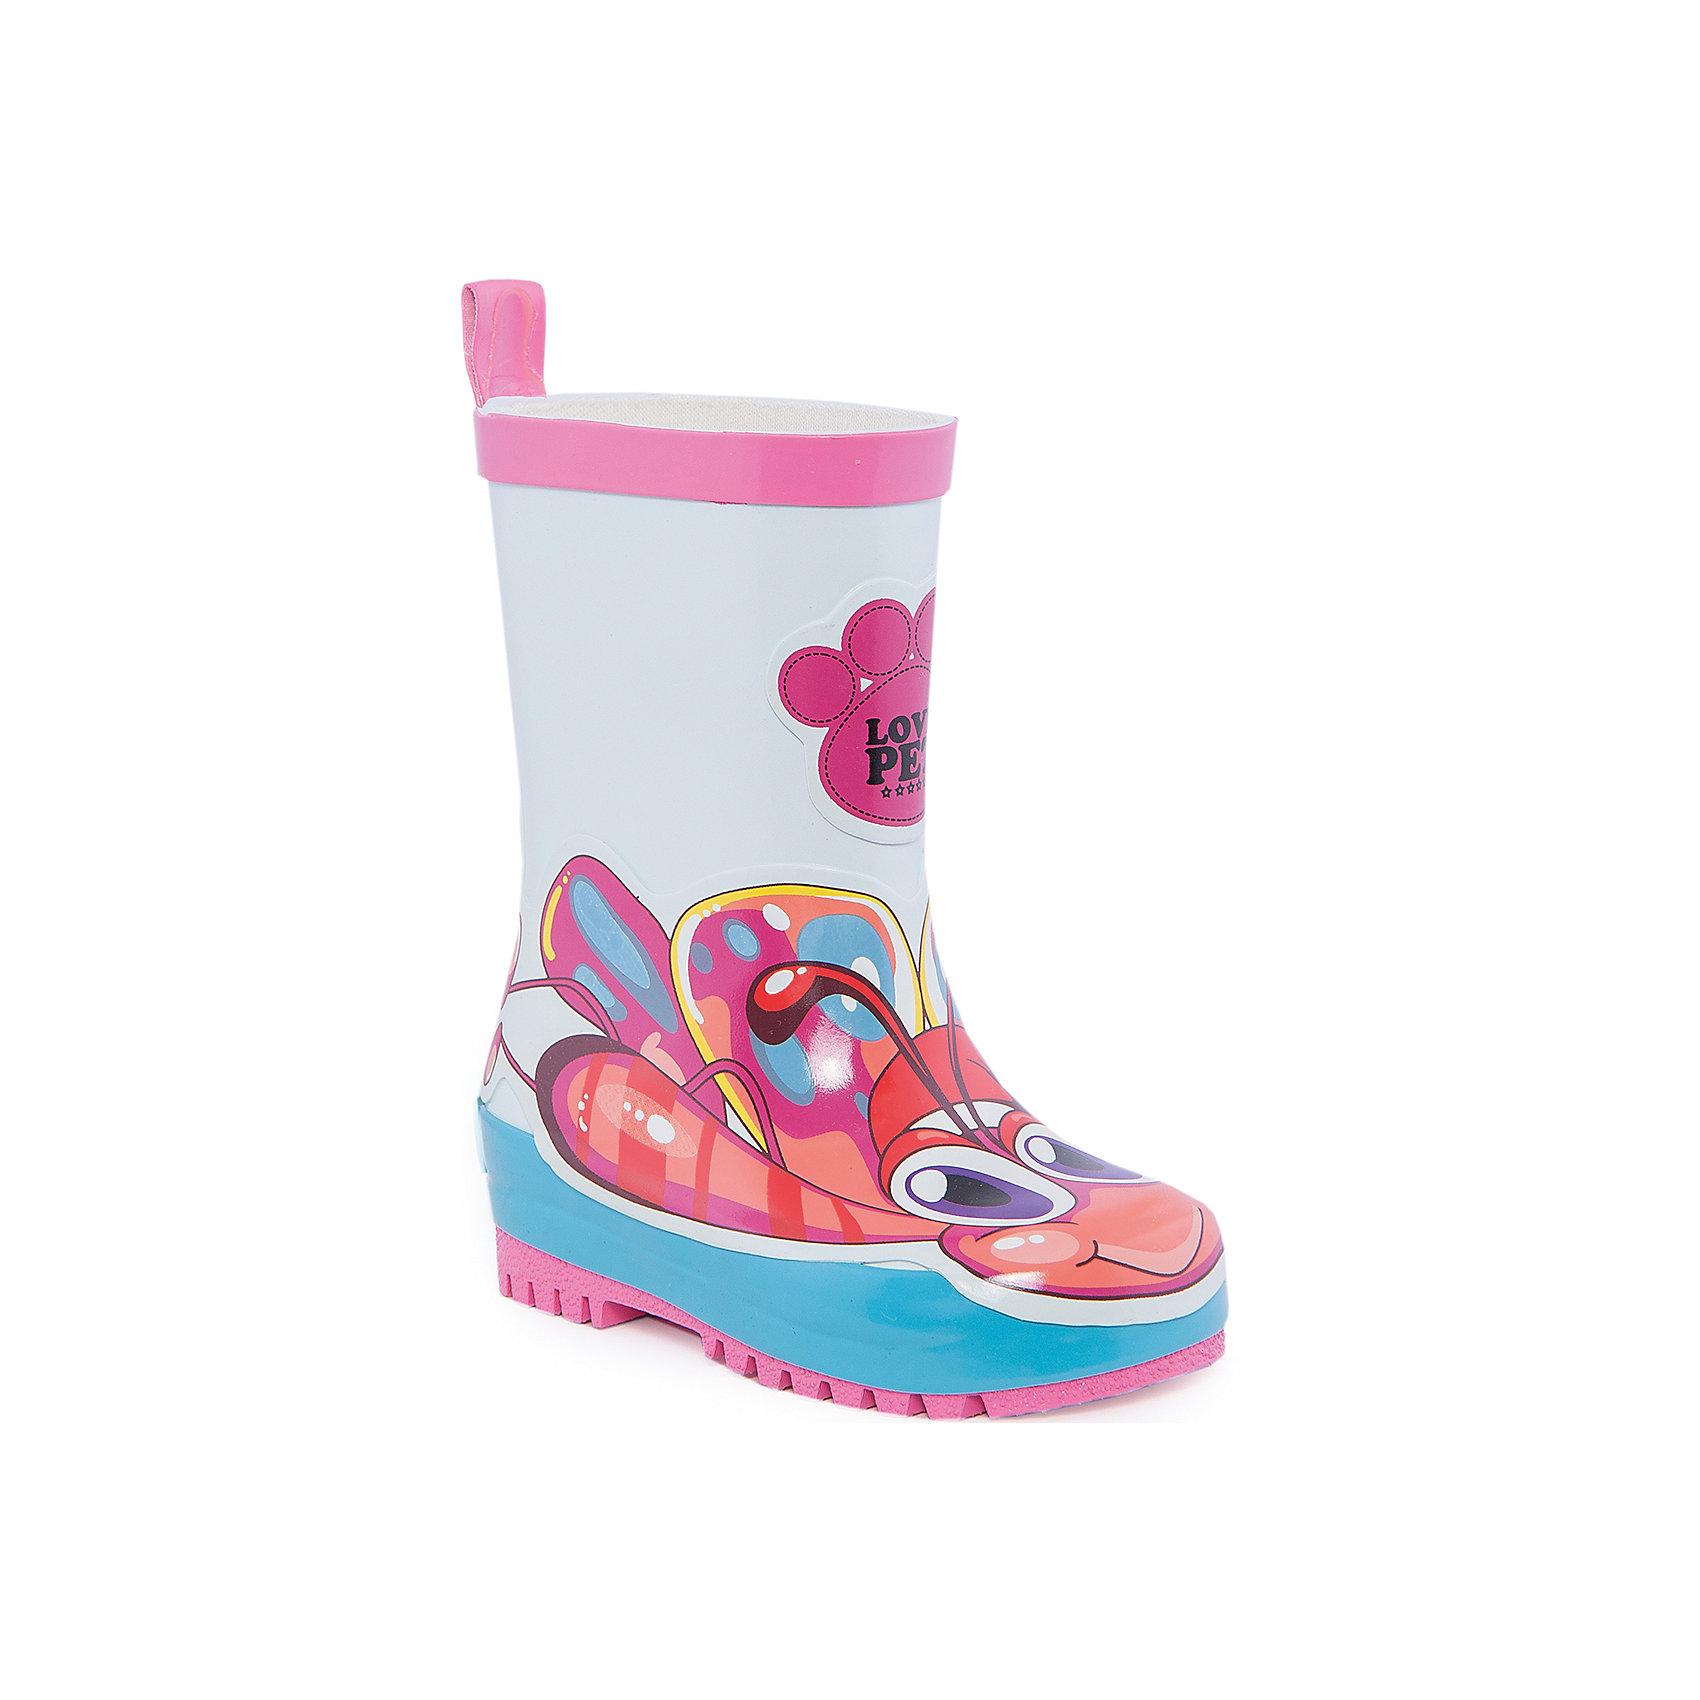 Резиновые сапоги для девочки BebendorffРезиновые сапоги для девочки от известного бренда Bebendorff<br><br>Стильные оригинальные сапоги сделаны из качественной резины. Они позволят защитить ноги ребенка от сырости и обеспечат комфорт. Высокое голенище защитит одежду от грязи и влаги.<br><br>Отличительные особенности модели:<br><br>- цвет: серый;<br>- удобная форма;<br>- высокое голенище;<br>- качественные материалы;<br>- толстая устойчивая подошва;<br>- хлопковая подкладка;<br>- декорированы ярким принтом;<br>- подошва рифленая.<br><br>Дополнительная информация:<br><br>Температурный режим: от + 5° С до + 20° С.<br><br>Состав:<br>верх - резина;<br>подкладка - хлопок;<br>стелька - хлопок;<br>подошва - резина.<br><br>Резиновые сапоги для девочки Bebendorff (Бебендорф) можно купить в нашем магазине.<br><br>Ширина мм: 237<br>Глубина мм: 180<br>Высота мм: 152<br>Вес г: 438<br>Цвет: серый<br>Возраст от месяцев: 24<br>Возраст до месяцев: 24<br>Пол: Женский<br>Возраст: Детский<br>Размер: 25,30,20,23,21,22,24,26,27,28,29,31<br>SKU: 4554572